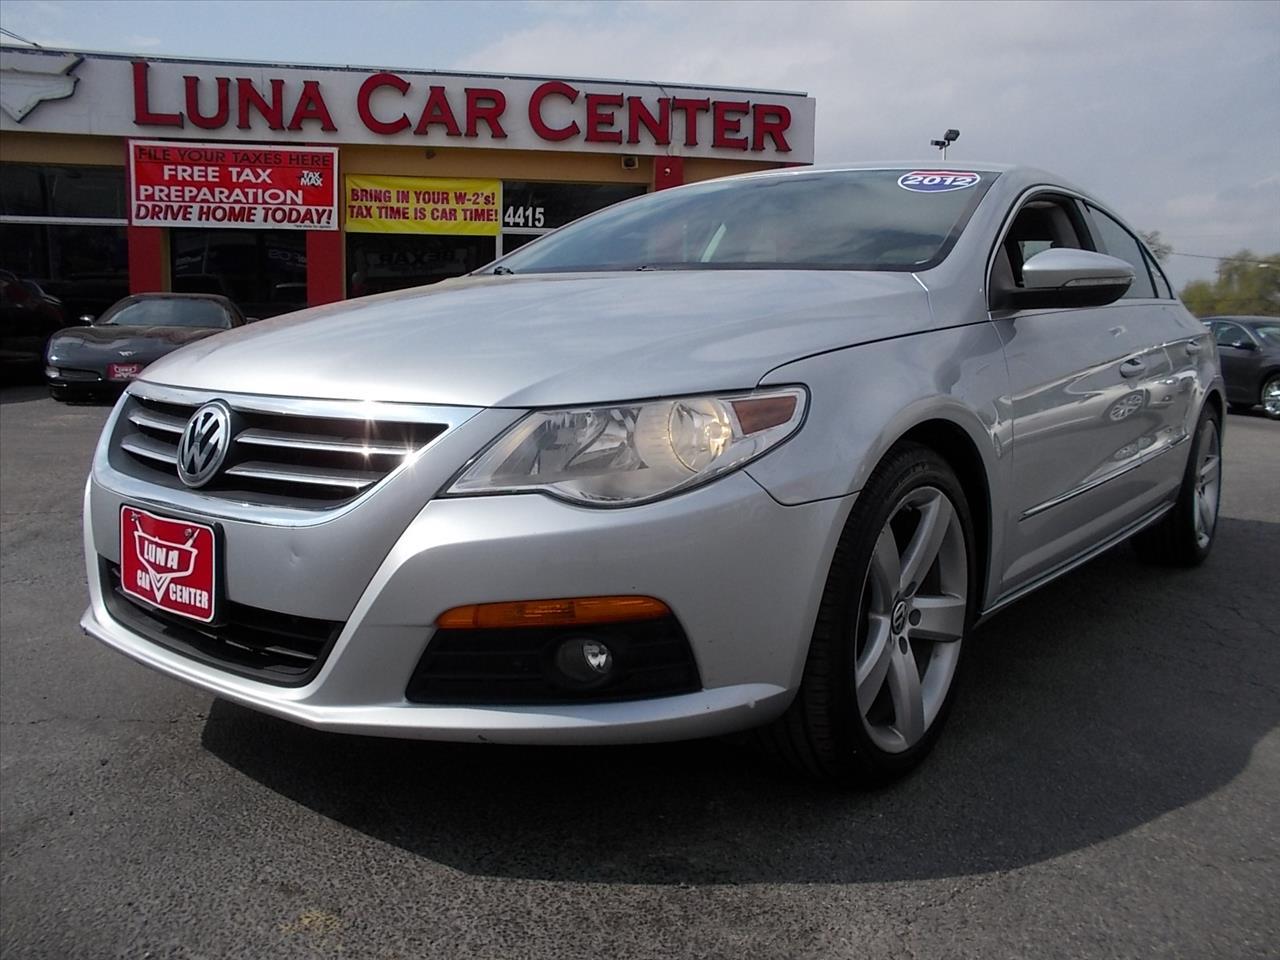 2012 Volkswagen Cc Lux A6 In San Antonio TX  LUNA CAR CENTER